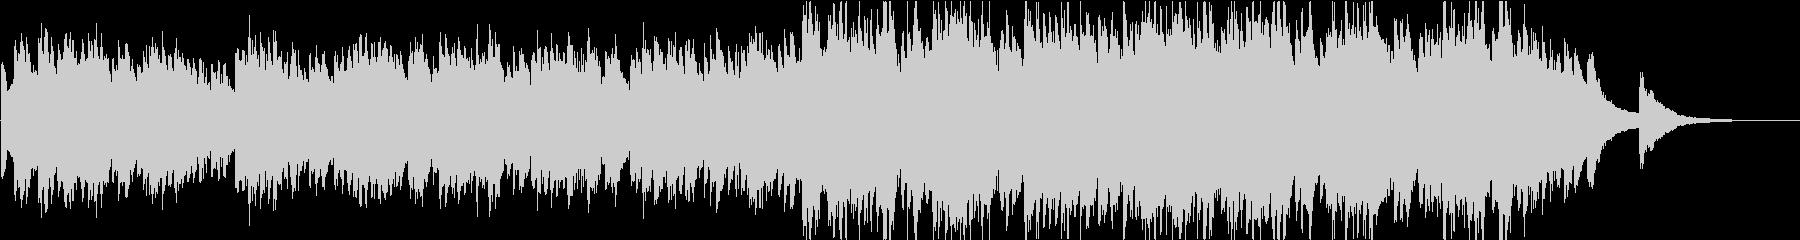 時報・チャイム風の名曲のメロディ・6の未再生の波形